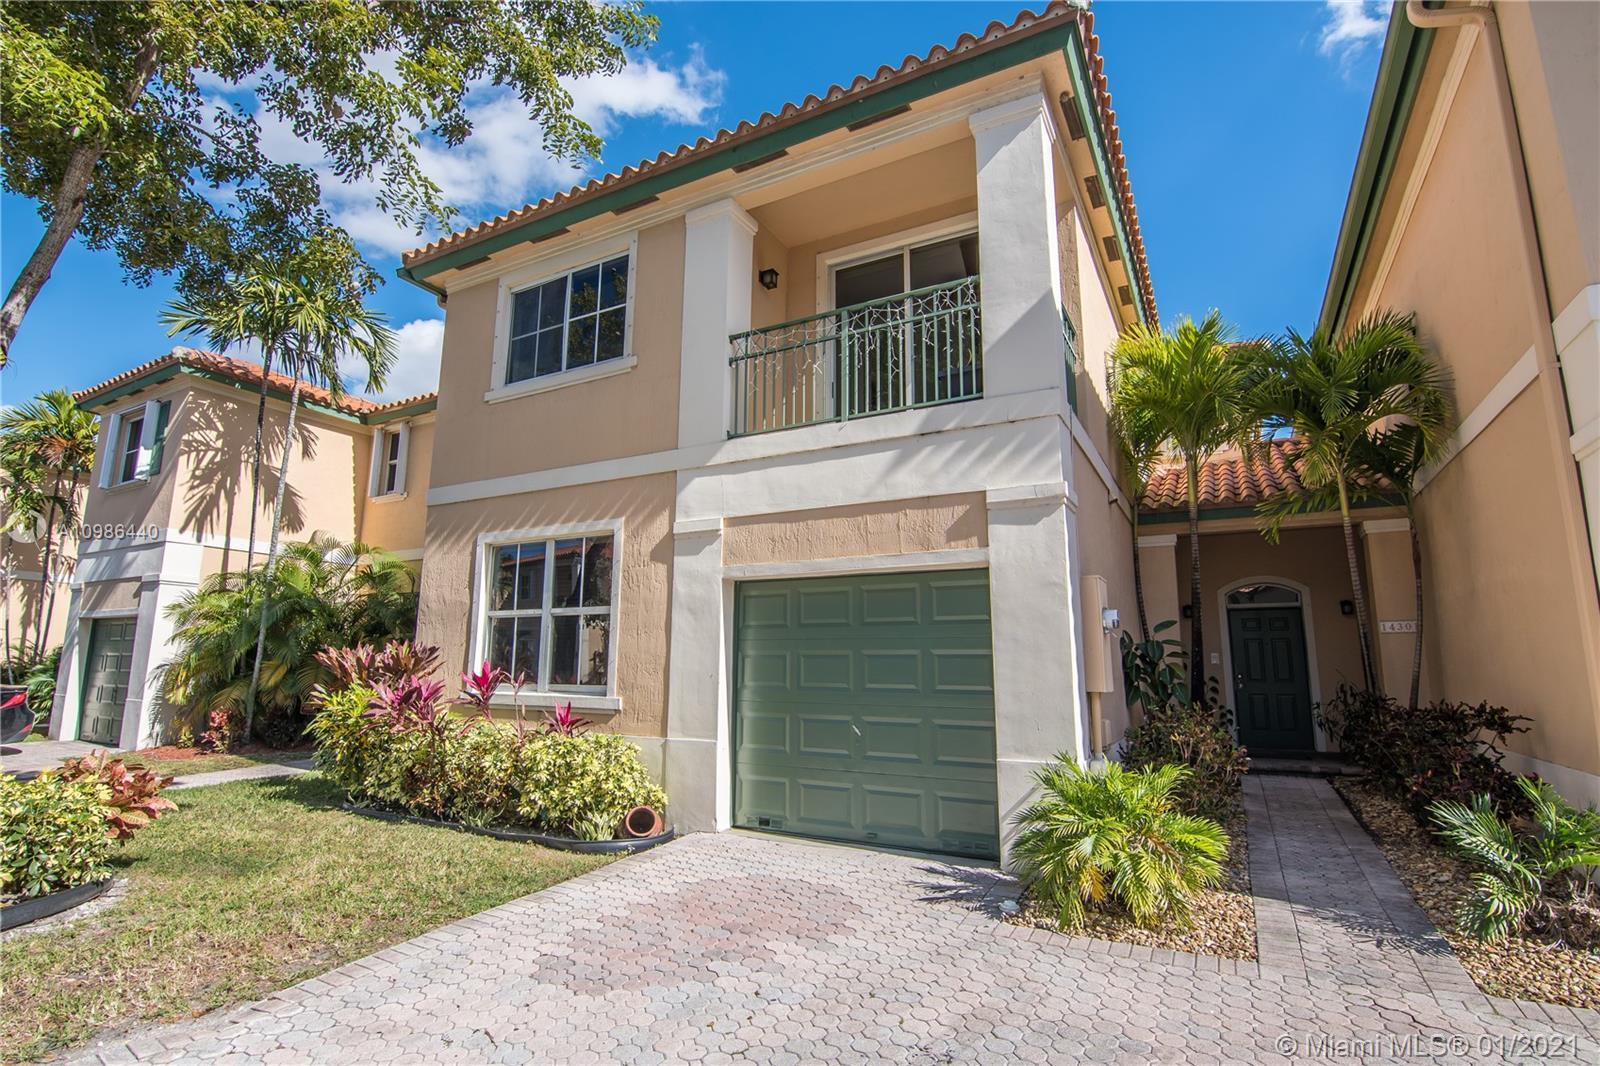 Miami Lakes - 14301 NW 83rd Ave, Miami Lakes, FL 33016